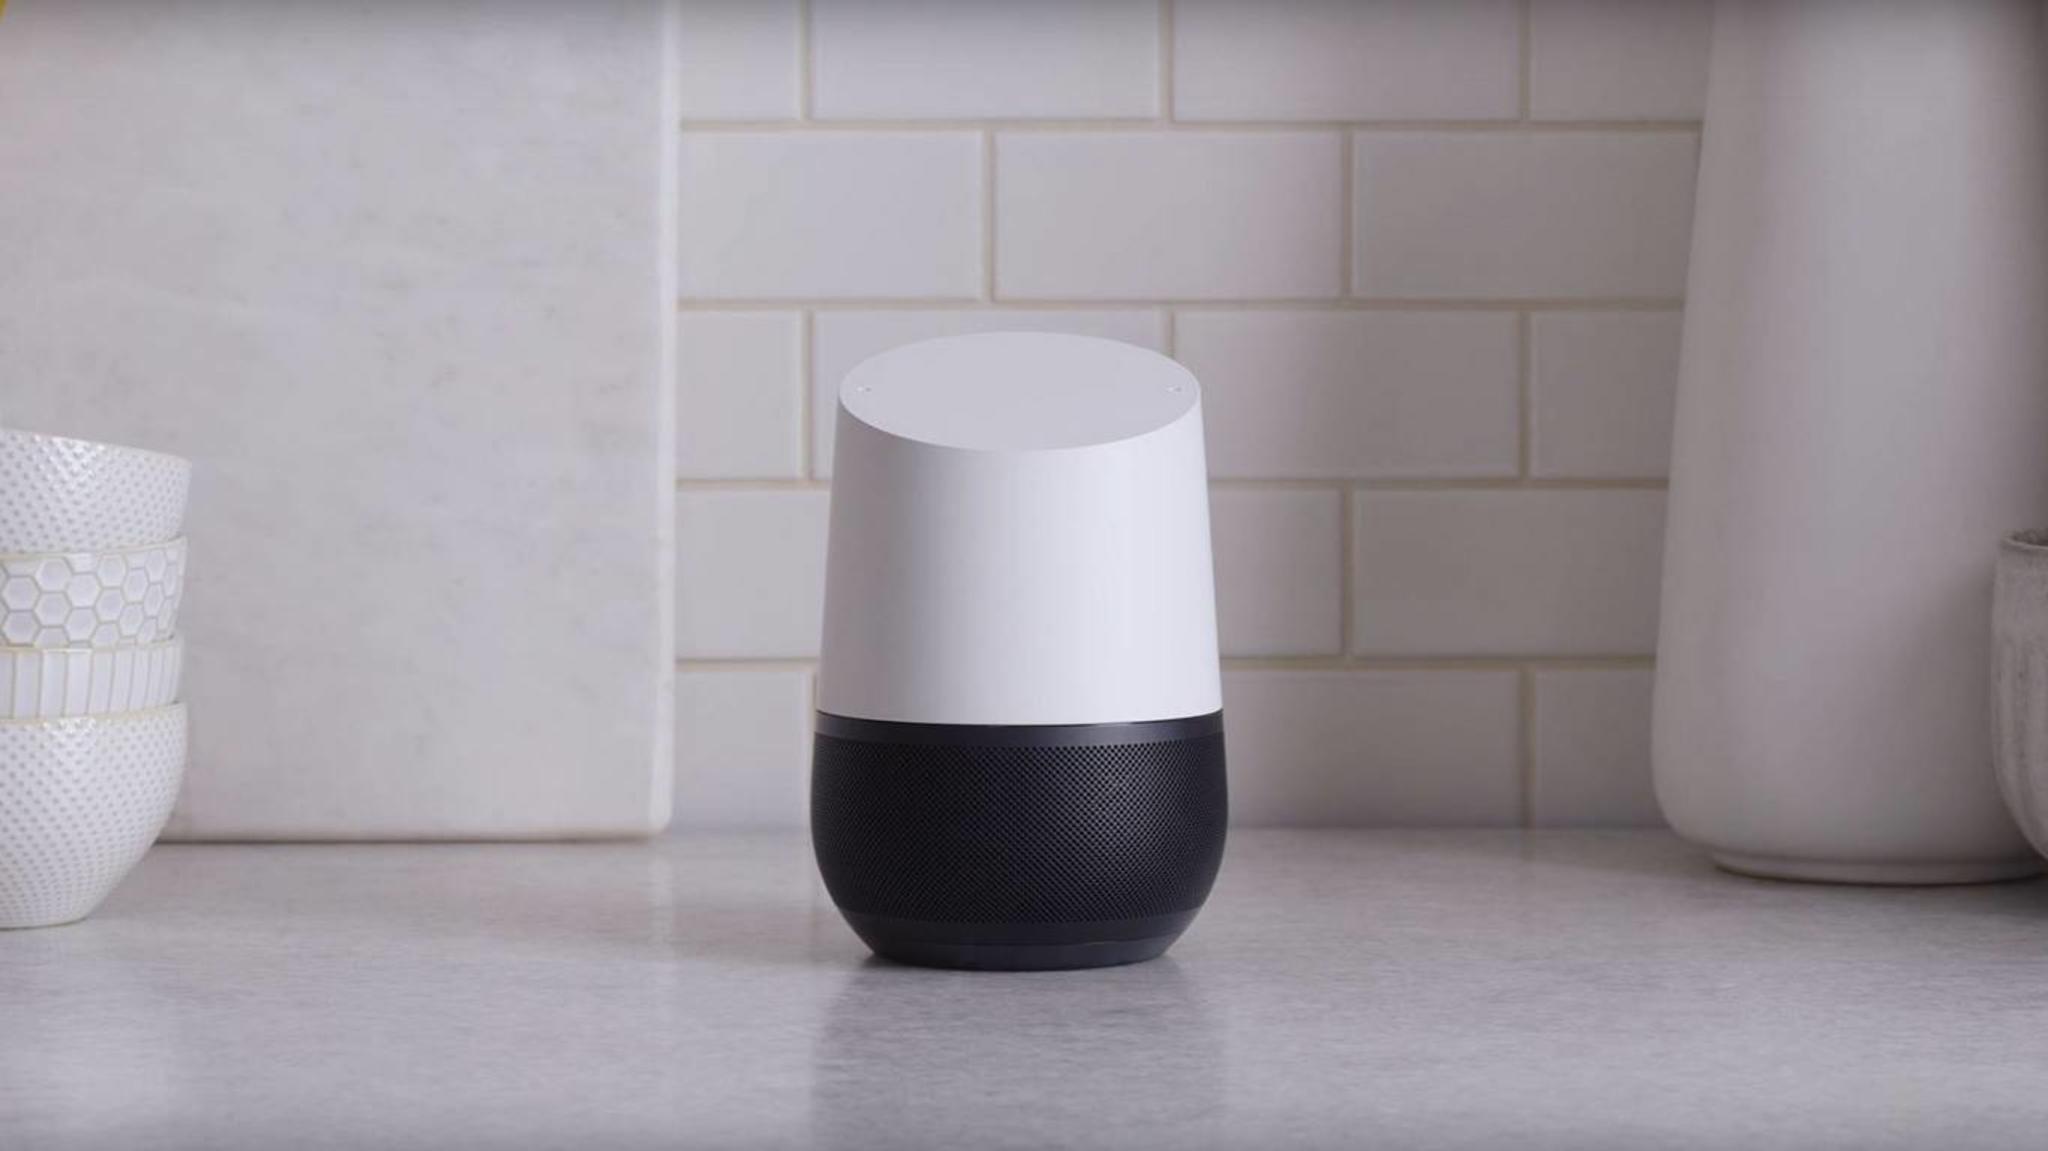 Mit Google Home kann man jetzt auch Bestellungen aufgeben.